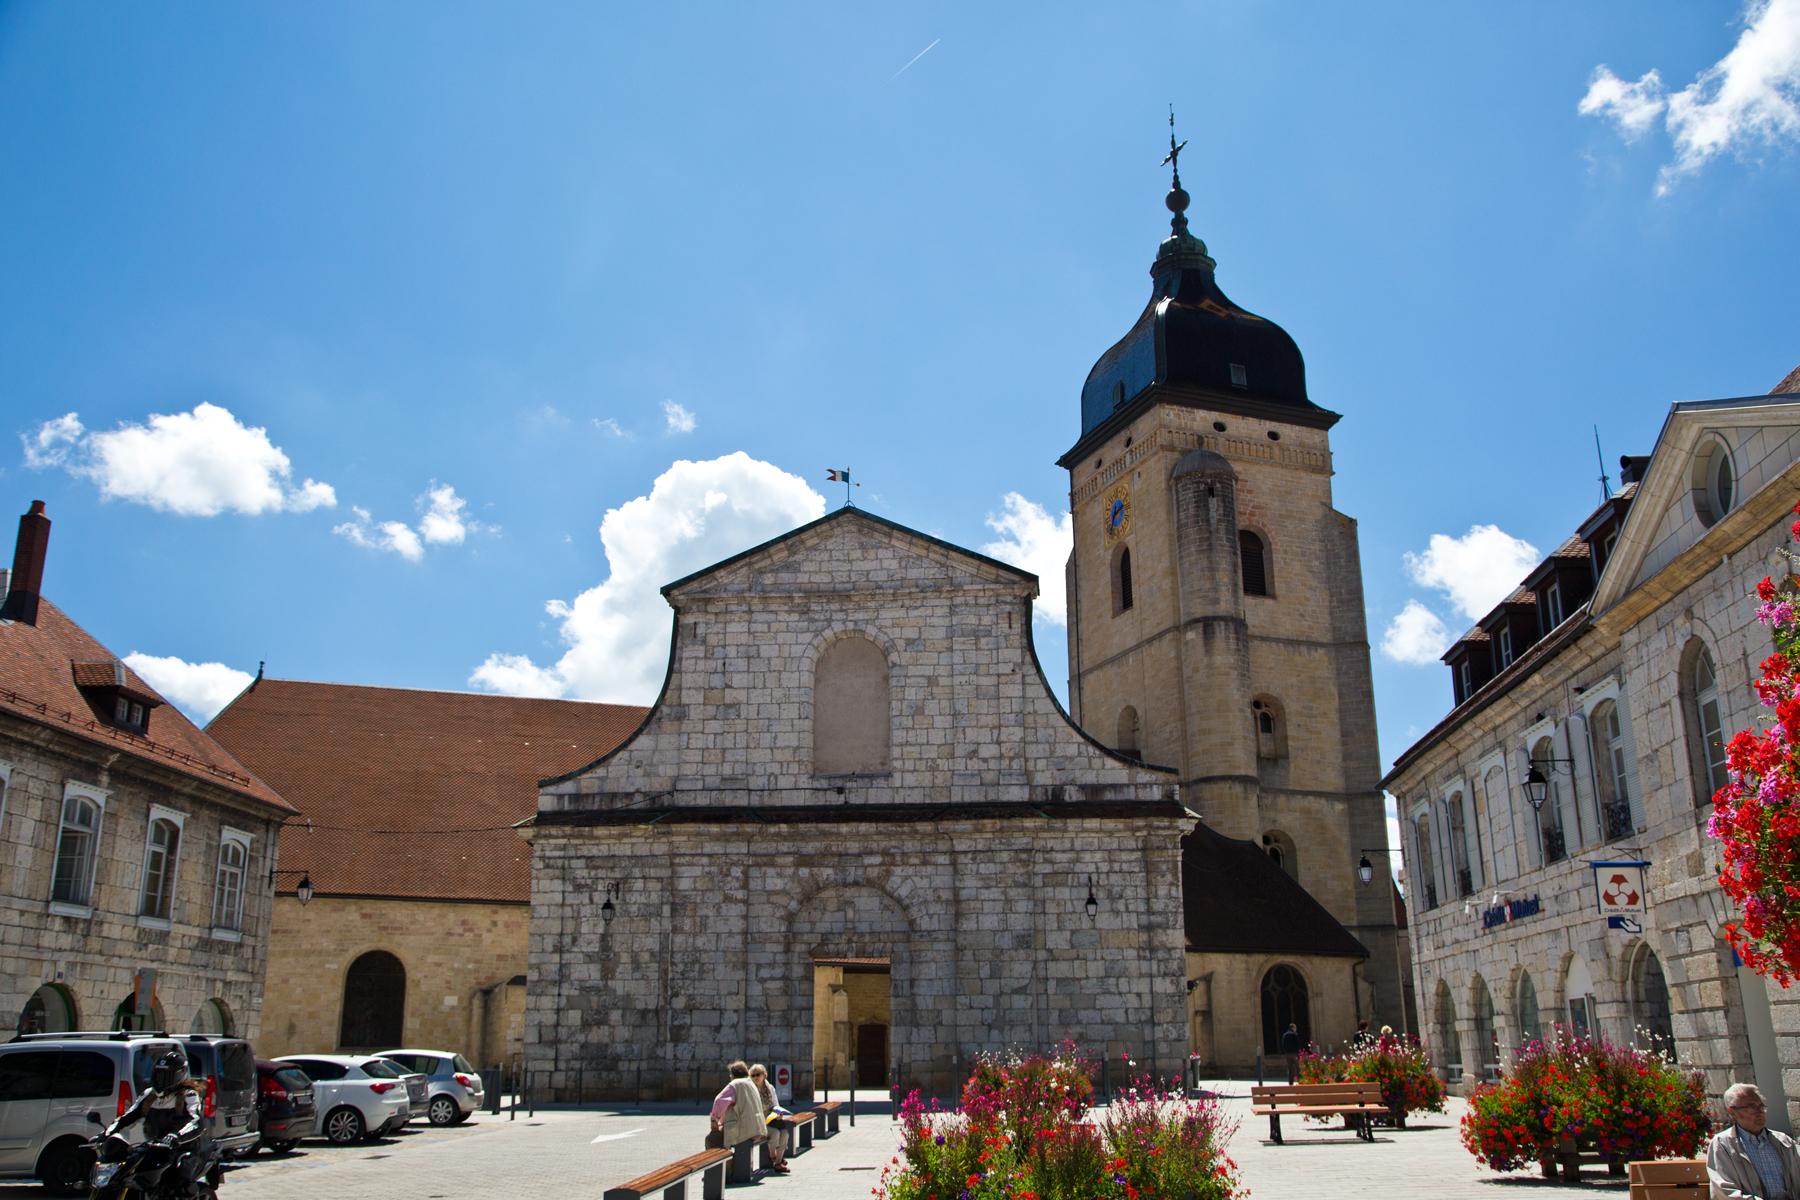 Pontarlier mit Kirche Saint-Bénigne